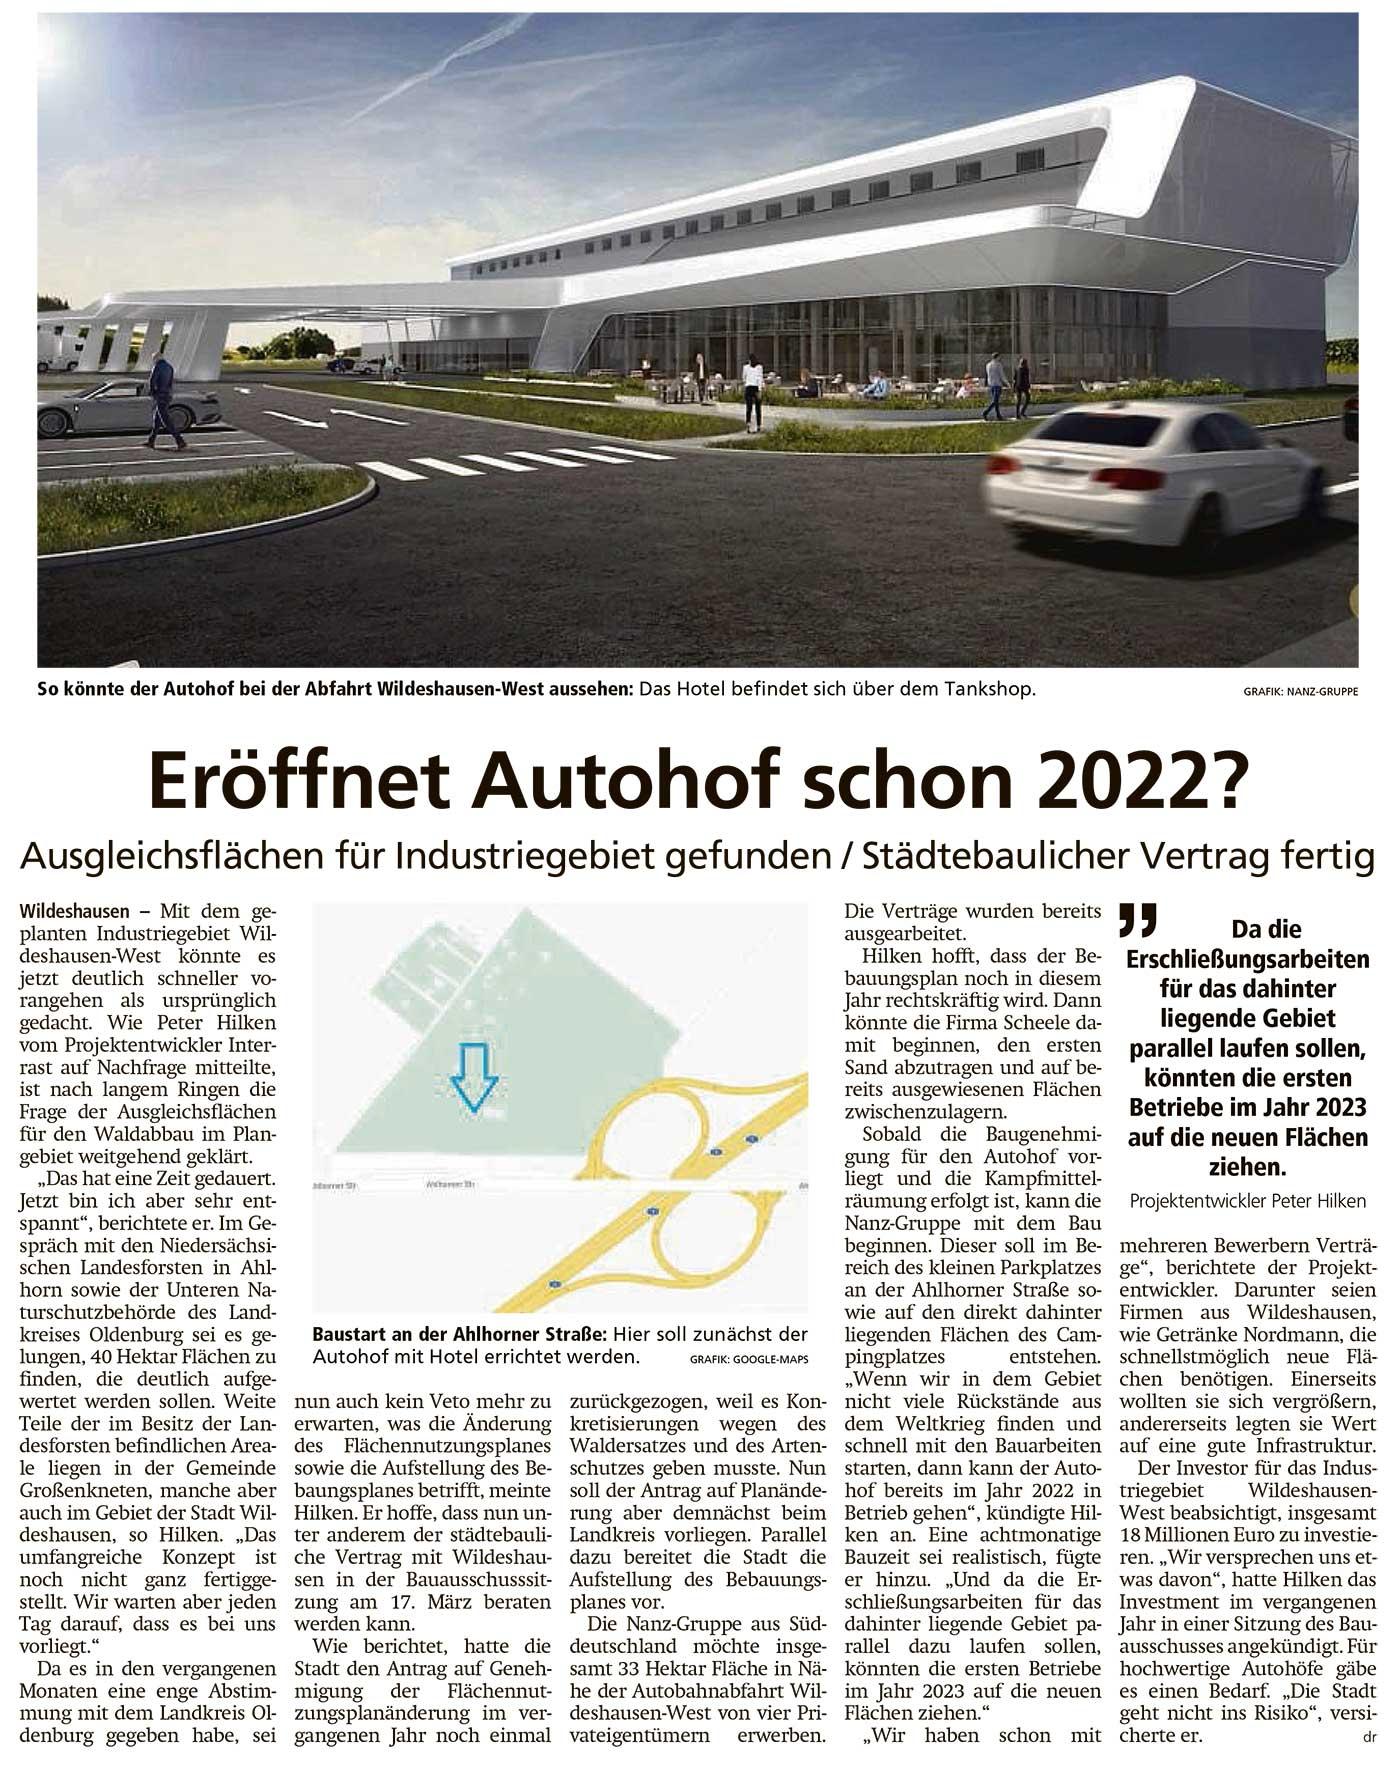 Eröffnet Autohof schon 2022?Ausgleichsflächen für Industriegebiet gefunden / Städtebaulicher Vertrag fertigArtikel vom 18.02.2021 (WZ)